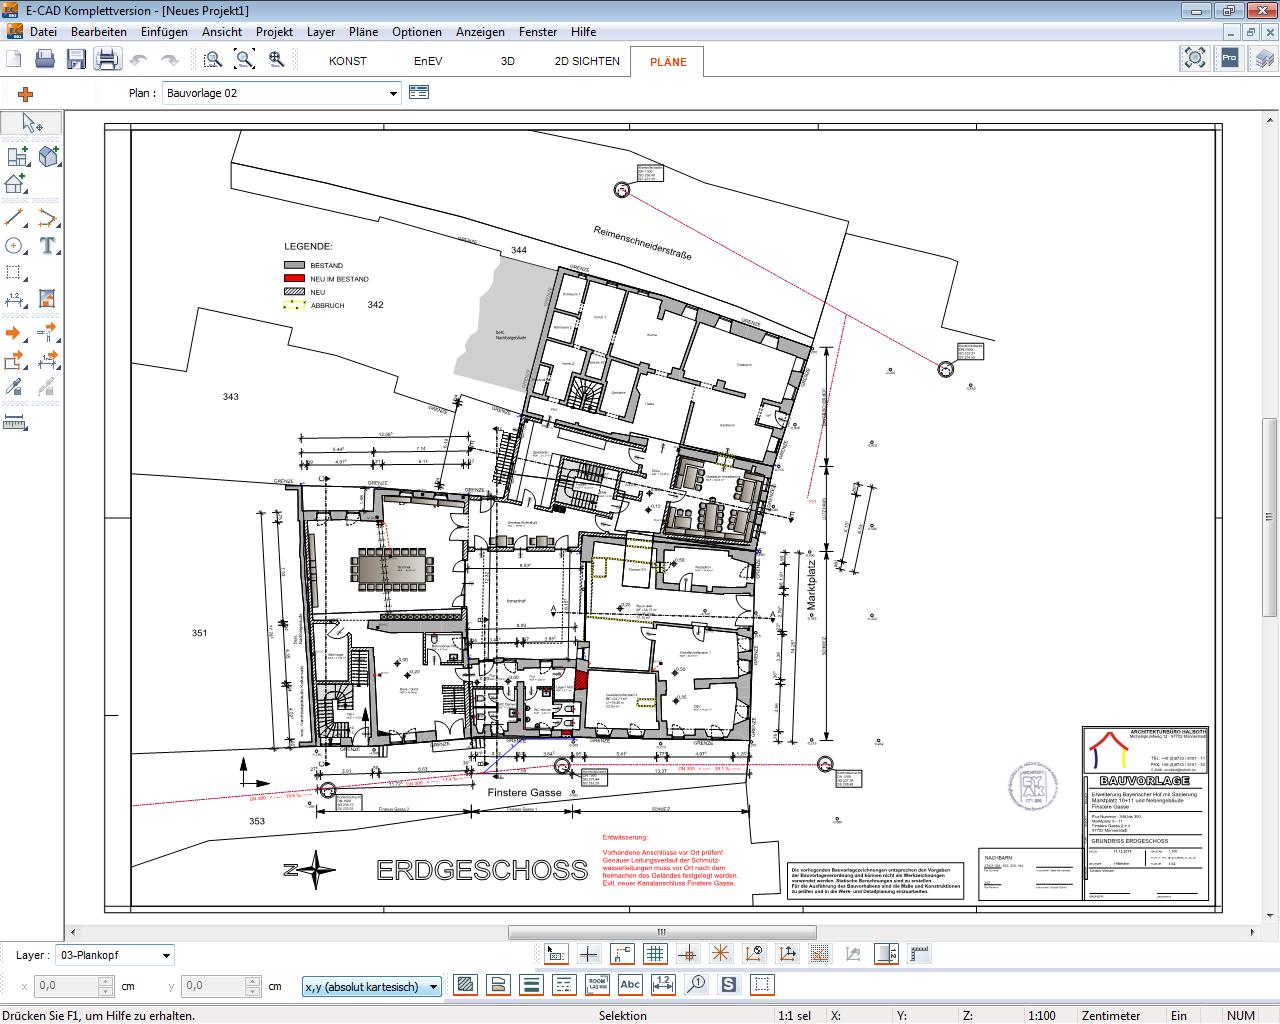 Charming Ein 3D Modell Aus E CAD Vermittelt Jedem Bauherrn Eine Genaue Räumliche  Vorstellung Seines Gebäudes.